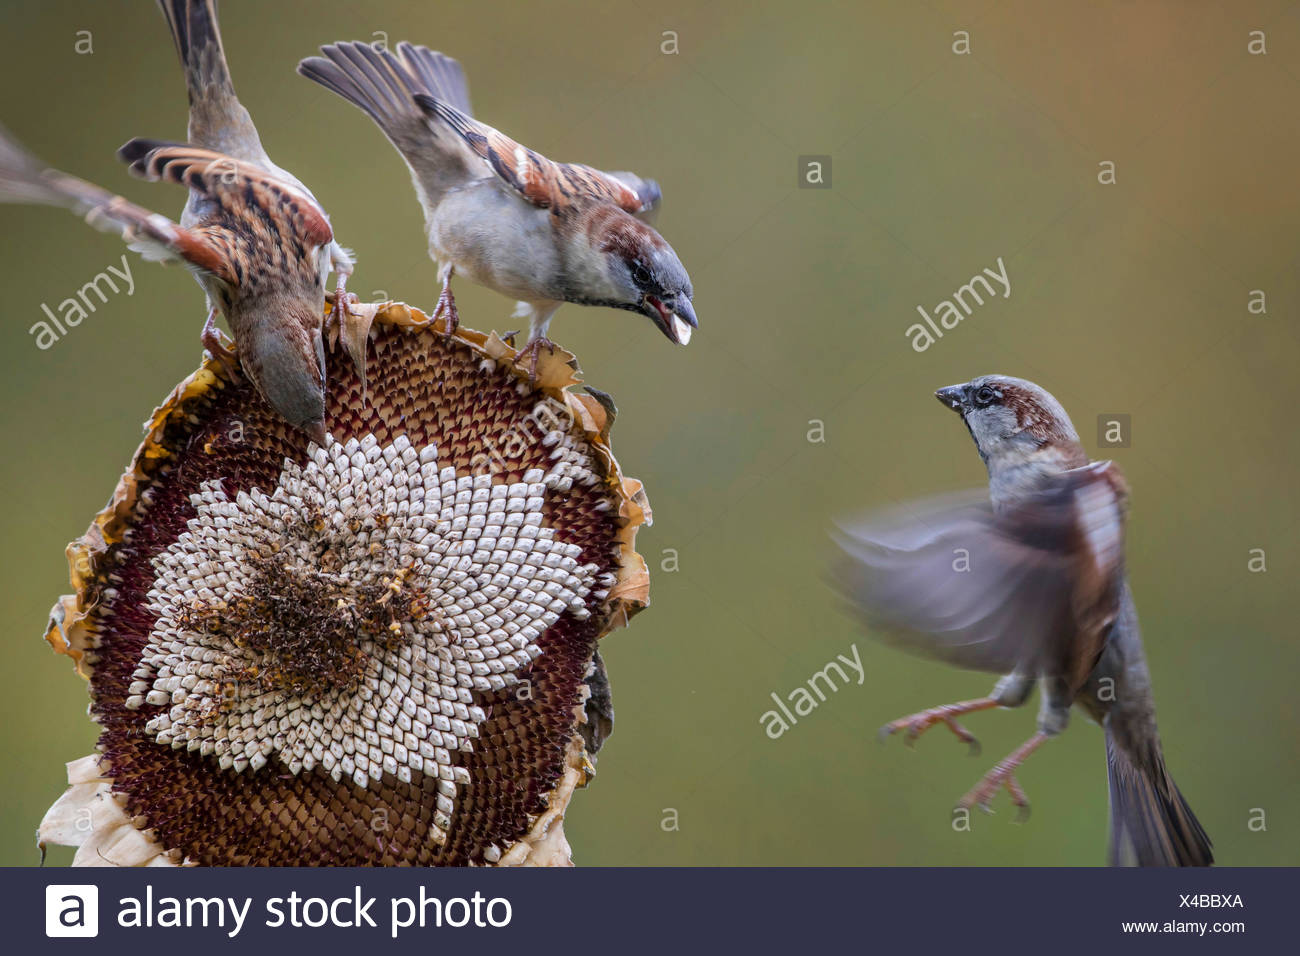 Haussperling, Haus-Sperling, Hausspatz, Haus-Spatz, Spatz (Passer domesticus), Spatzen fressen an einer Sonnenblume, Deutschland - Stock Image